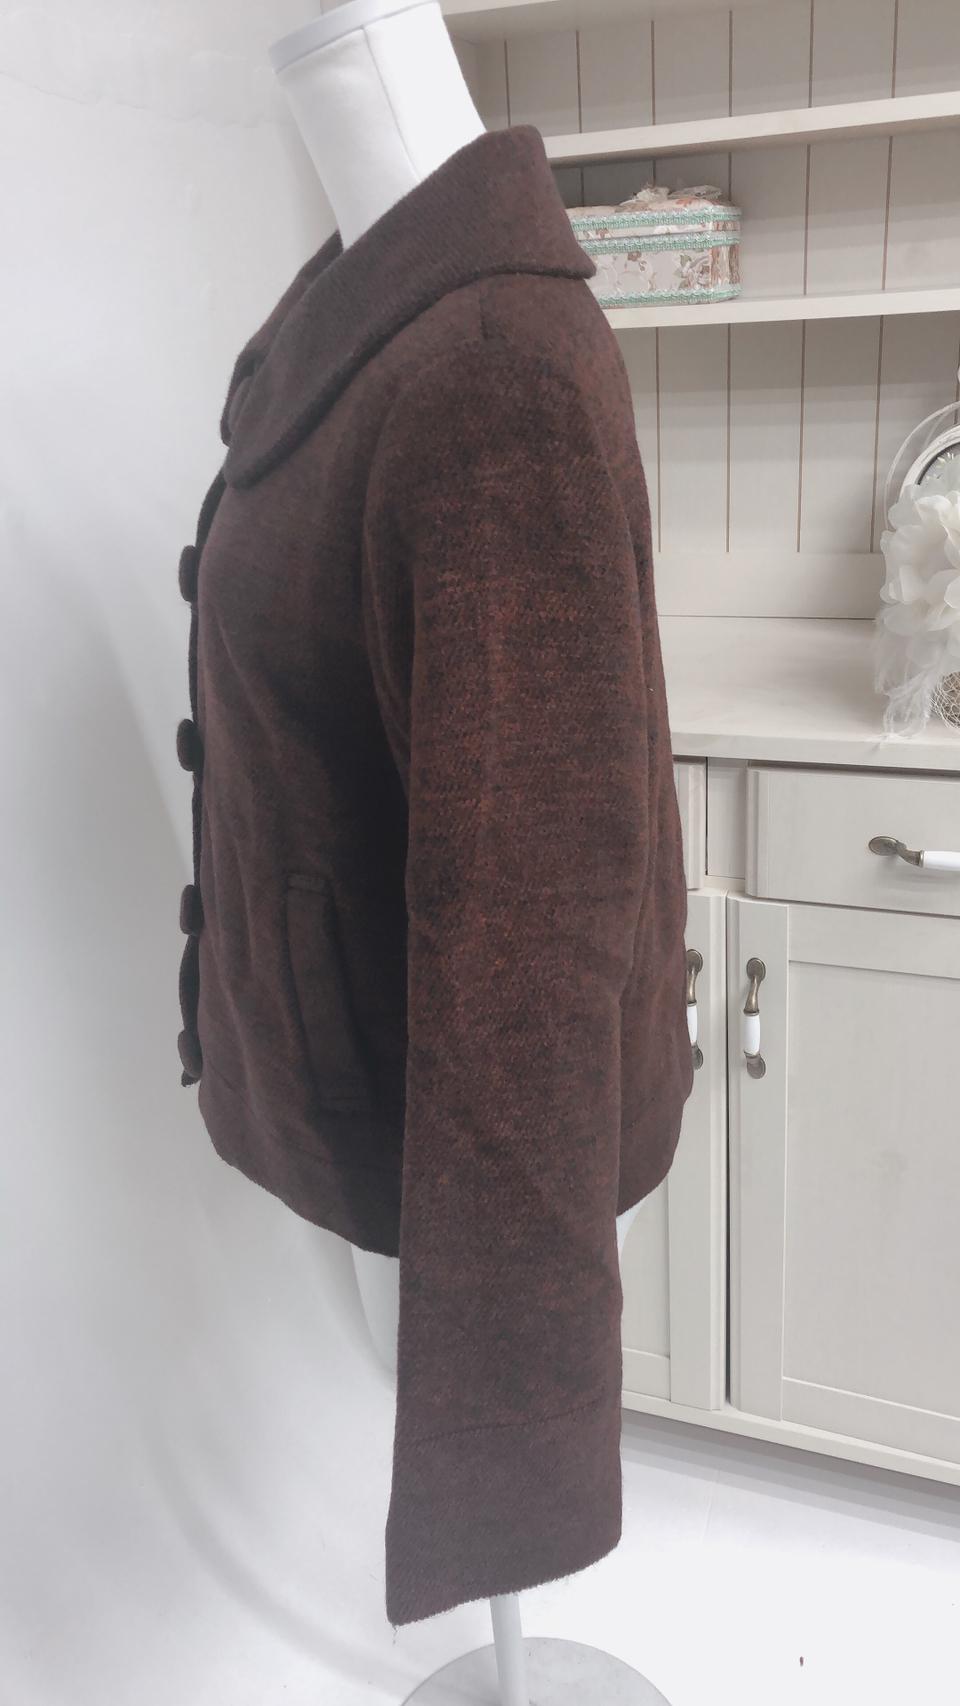 [アウトレット]ショート丈コート